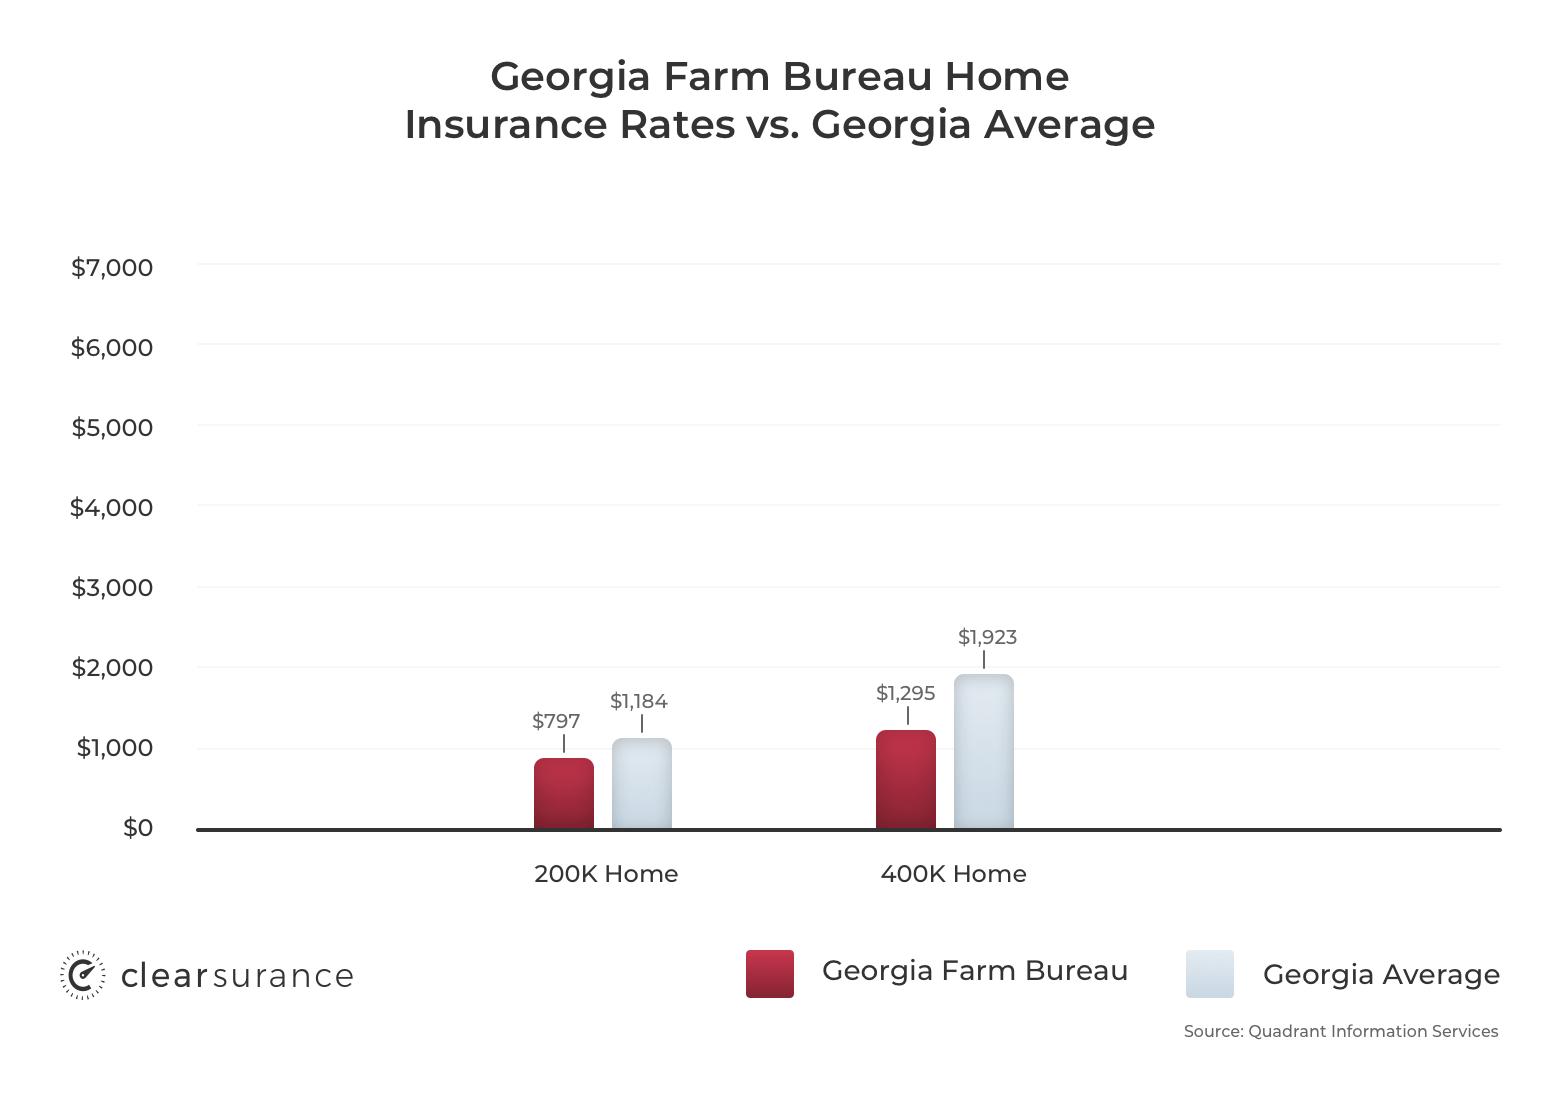 Georgia Farm Bureau insurance rates